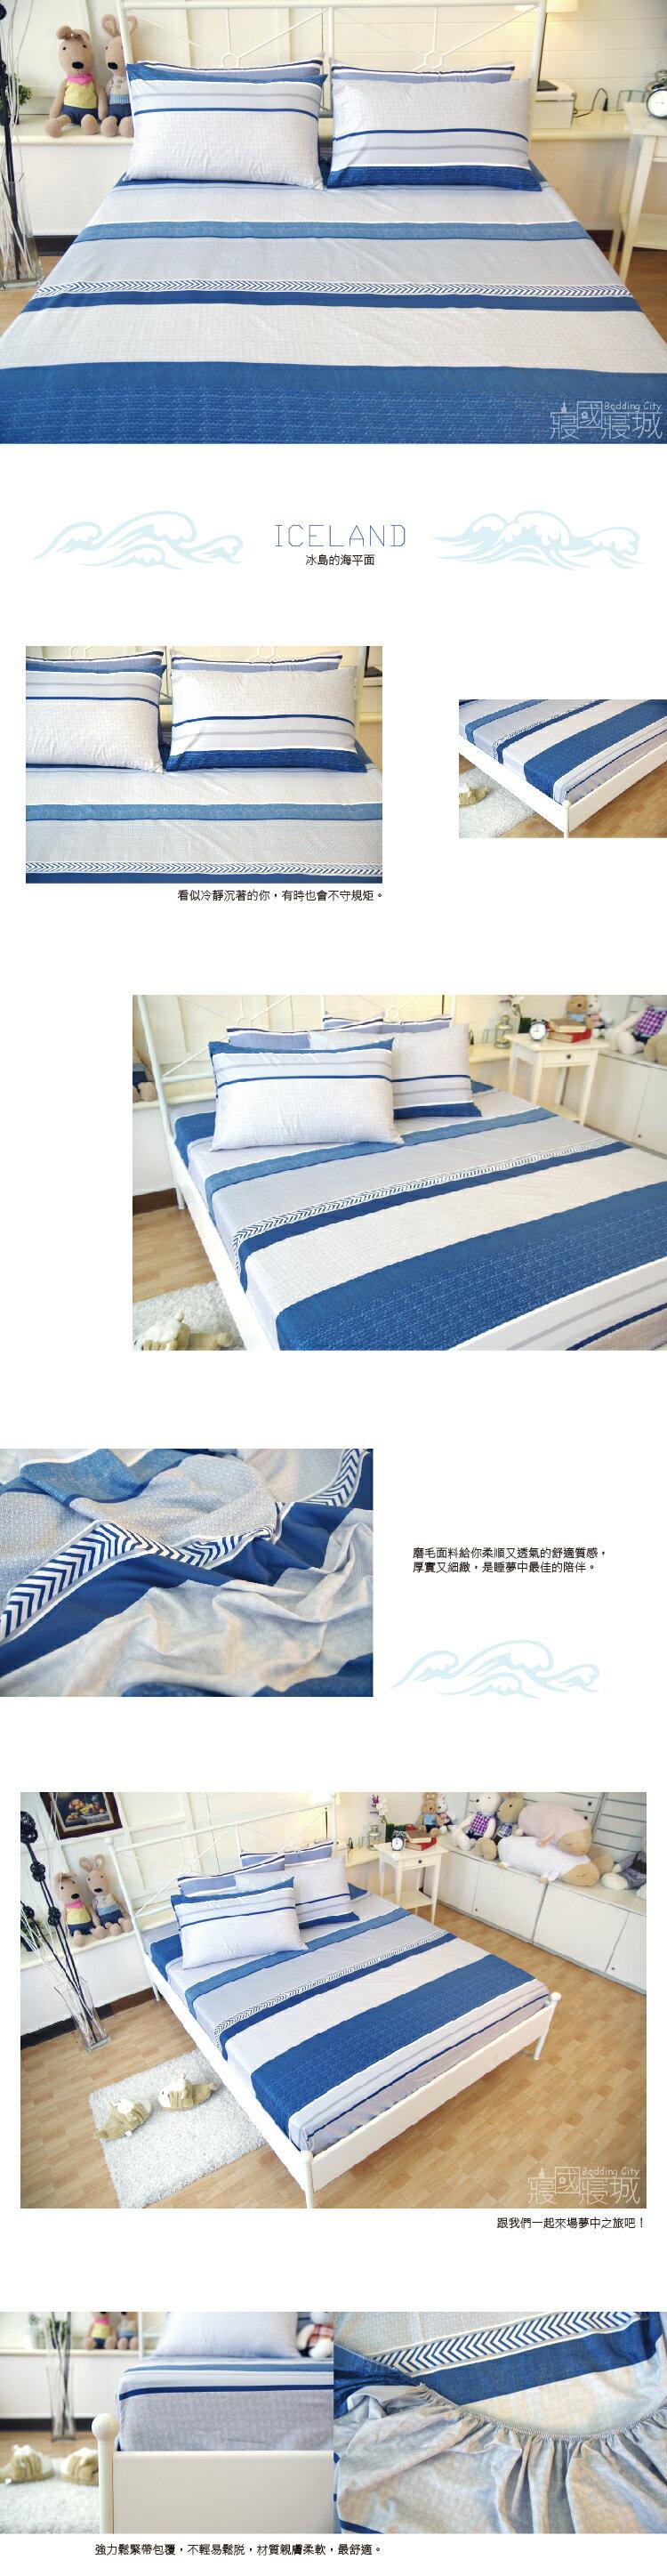 雙人床包(含枕套) 多款花色可挑選【台灣製造、親膚柔軟、觸感升級、SGS檢驗通過】 # 寢國寢城 3